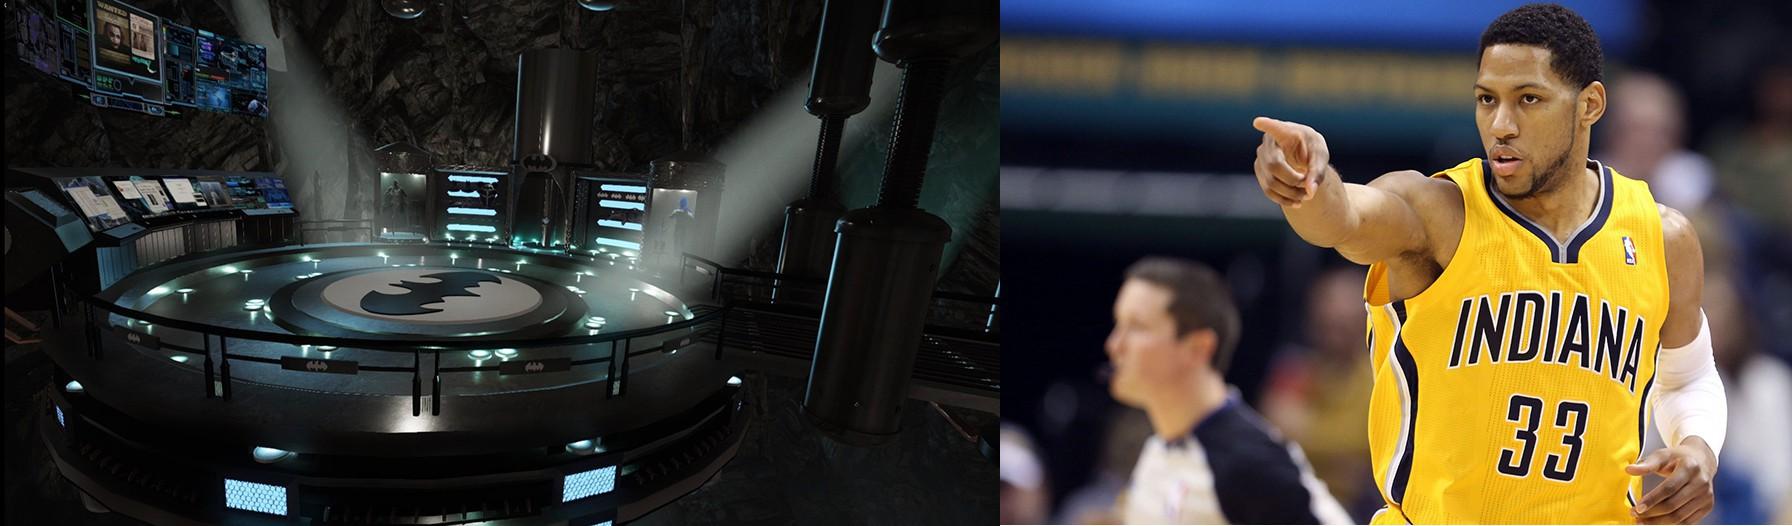 """Những lần sao NBA """"đốt tiền"""" khiến cả thế giới phải trầm trồ (Phần 1): Từ chiếc giường khổng lồ cho đến căn cứ bí mật như của Batman - Ảnh 9."""